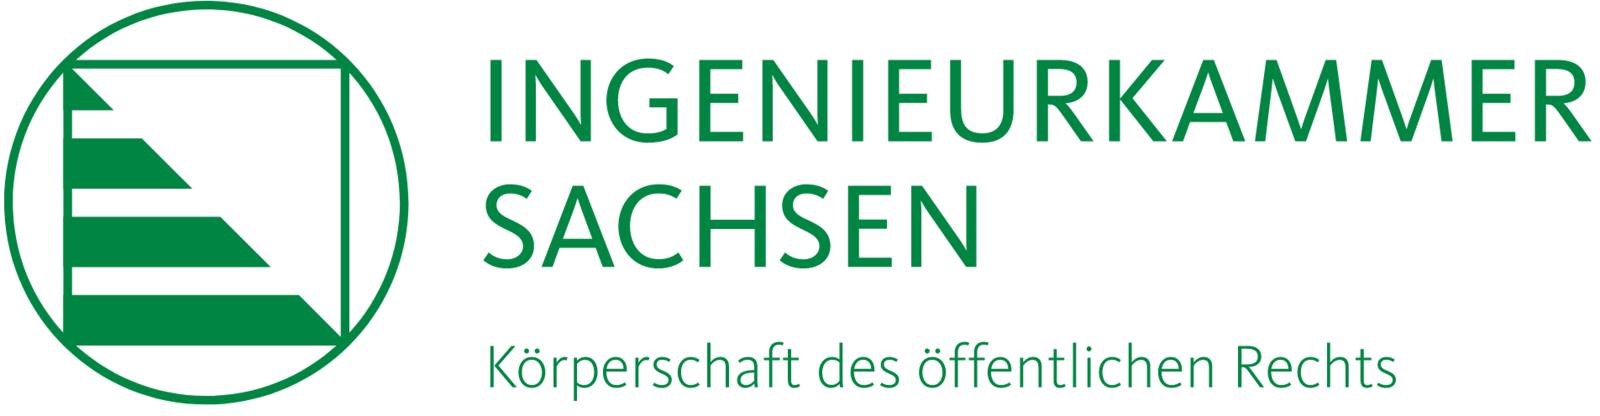 Logo der Ingenieurkammer Sachsen